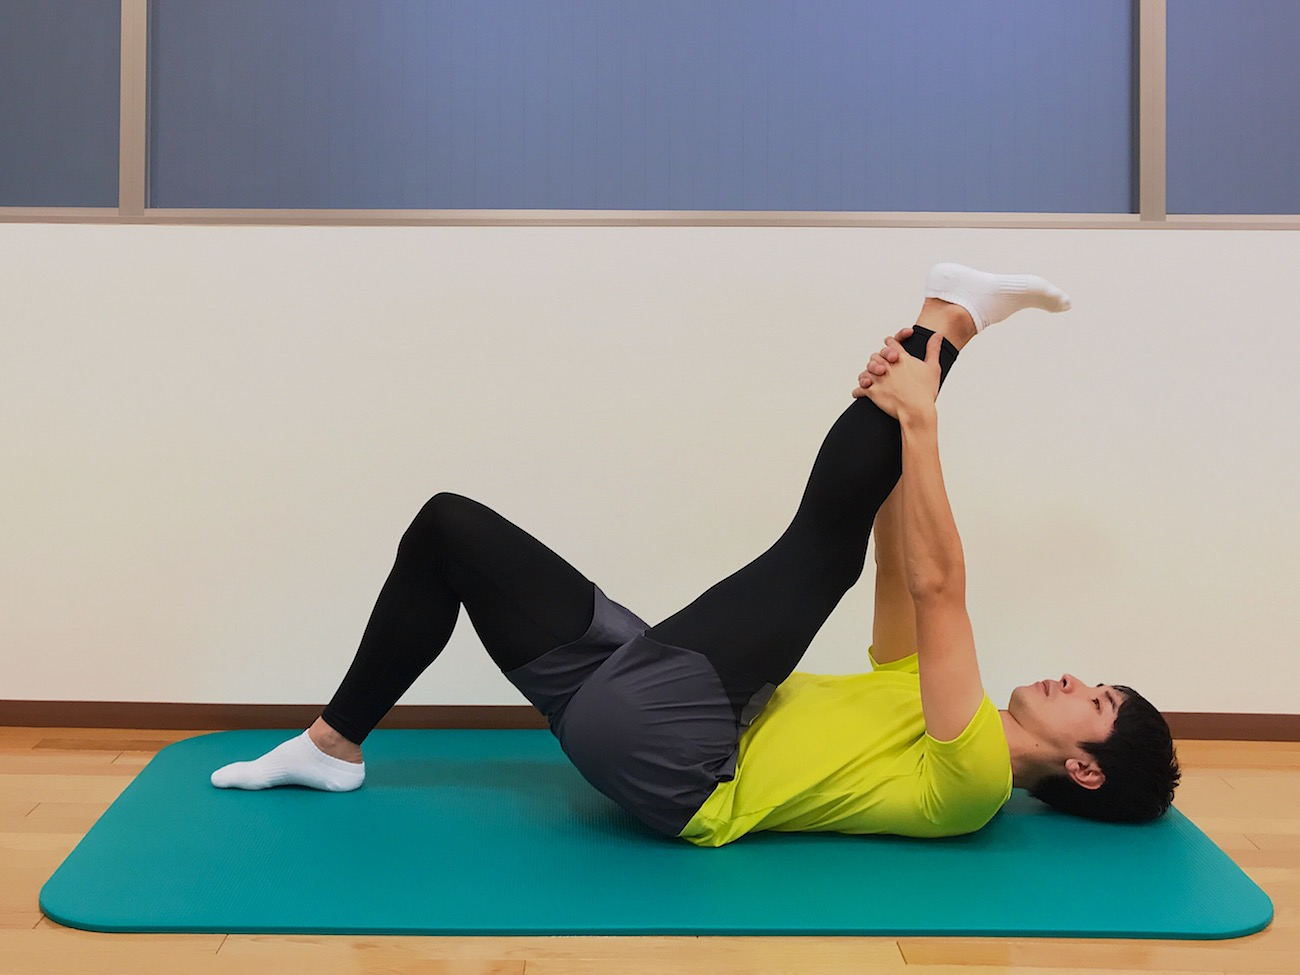 仰向けの姿勢で行うもも裏の筋肉(ハムストリングス)のストレッチの方法